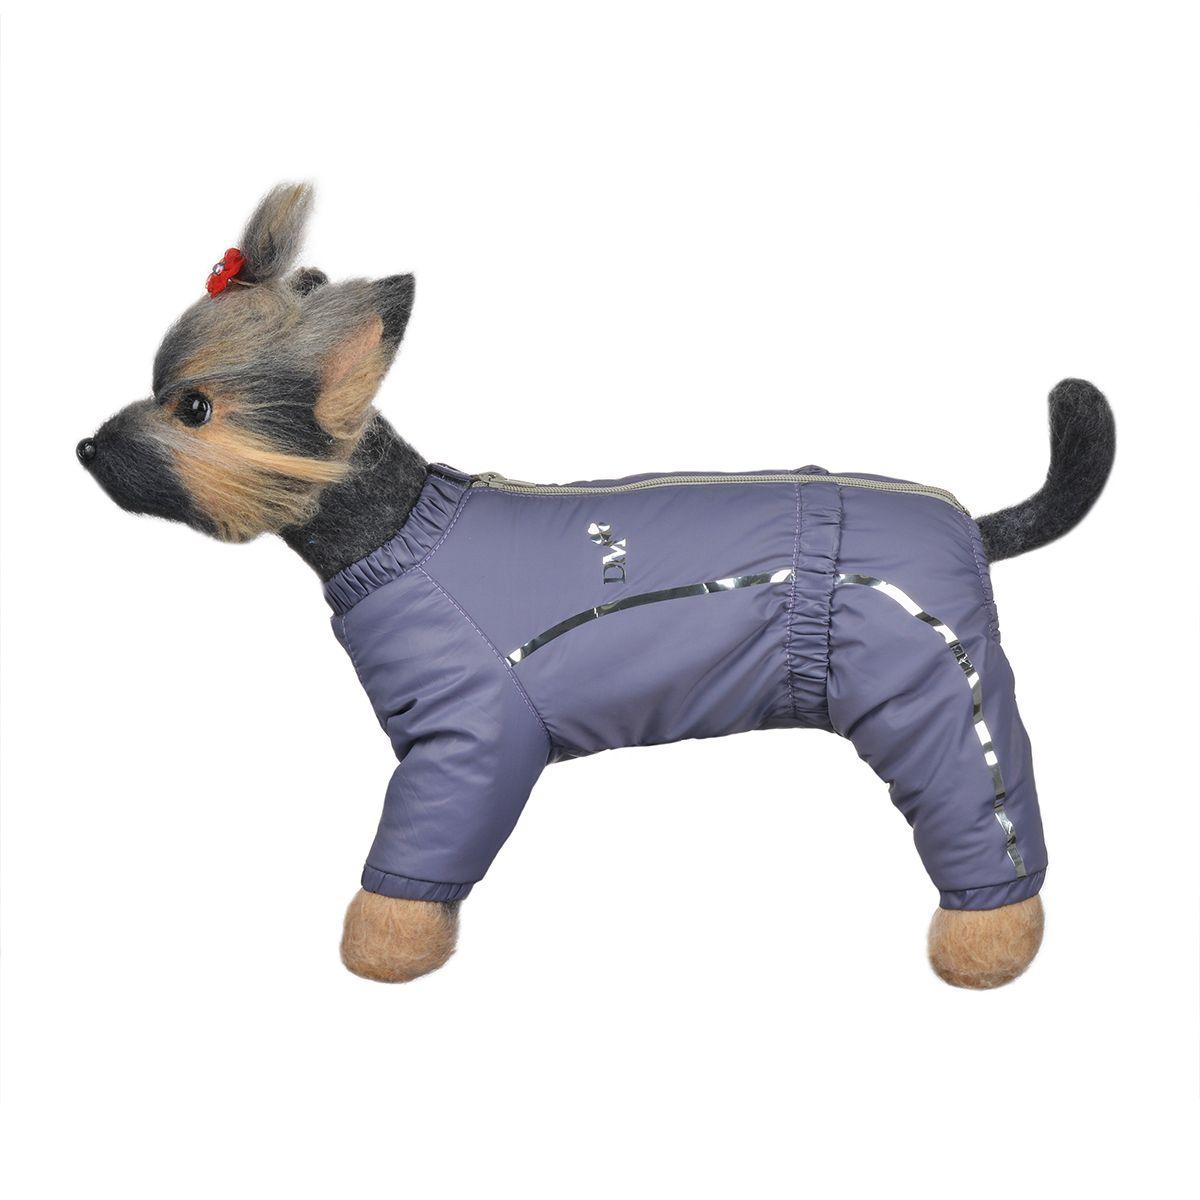 Комбинезон для собак Dogmoda Альпы, зимний, для девочки, цвет: фиолетовый, серый. Размер 3 (L)0120710Зимний комбинезон для собак Dogmoda Альпы отлично подойдет для прогулок в зимнее время года.Комбинезон изготовлен из полиэстера, защищающего от ветра и снега, с утеплителем из синтепона, который сохранит тепло даже в сильные морозы, а на подкладке используется искусственный мех, который обеспечивает отличный воздухообмен. Комбинезон застегивается на молнию и липучку, благодаря чему его легко надевать и снимать. Ворот, низ рукавов и брючин оснащены внутренними резинками, которые мягко обхватывают шею и лапки, не позволяя просачиваться холодному воздуху. На пояснице имеется внутренняя резинка. Изделие декорировано серебристыми полосками и надписью DM.Благодаря такому комбинезону простуда не грозит вашему питомцу и он сможет испытать не сравнимое удовольствие от снежных игр и забав.